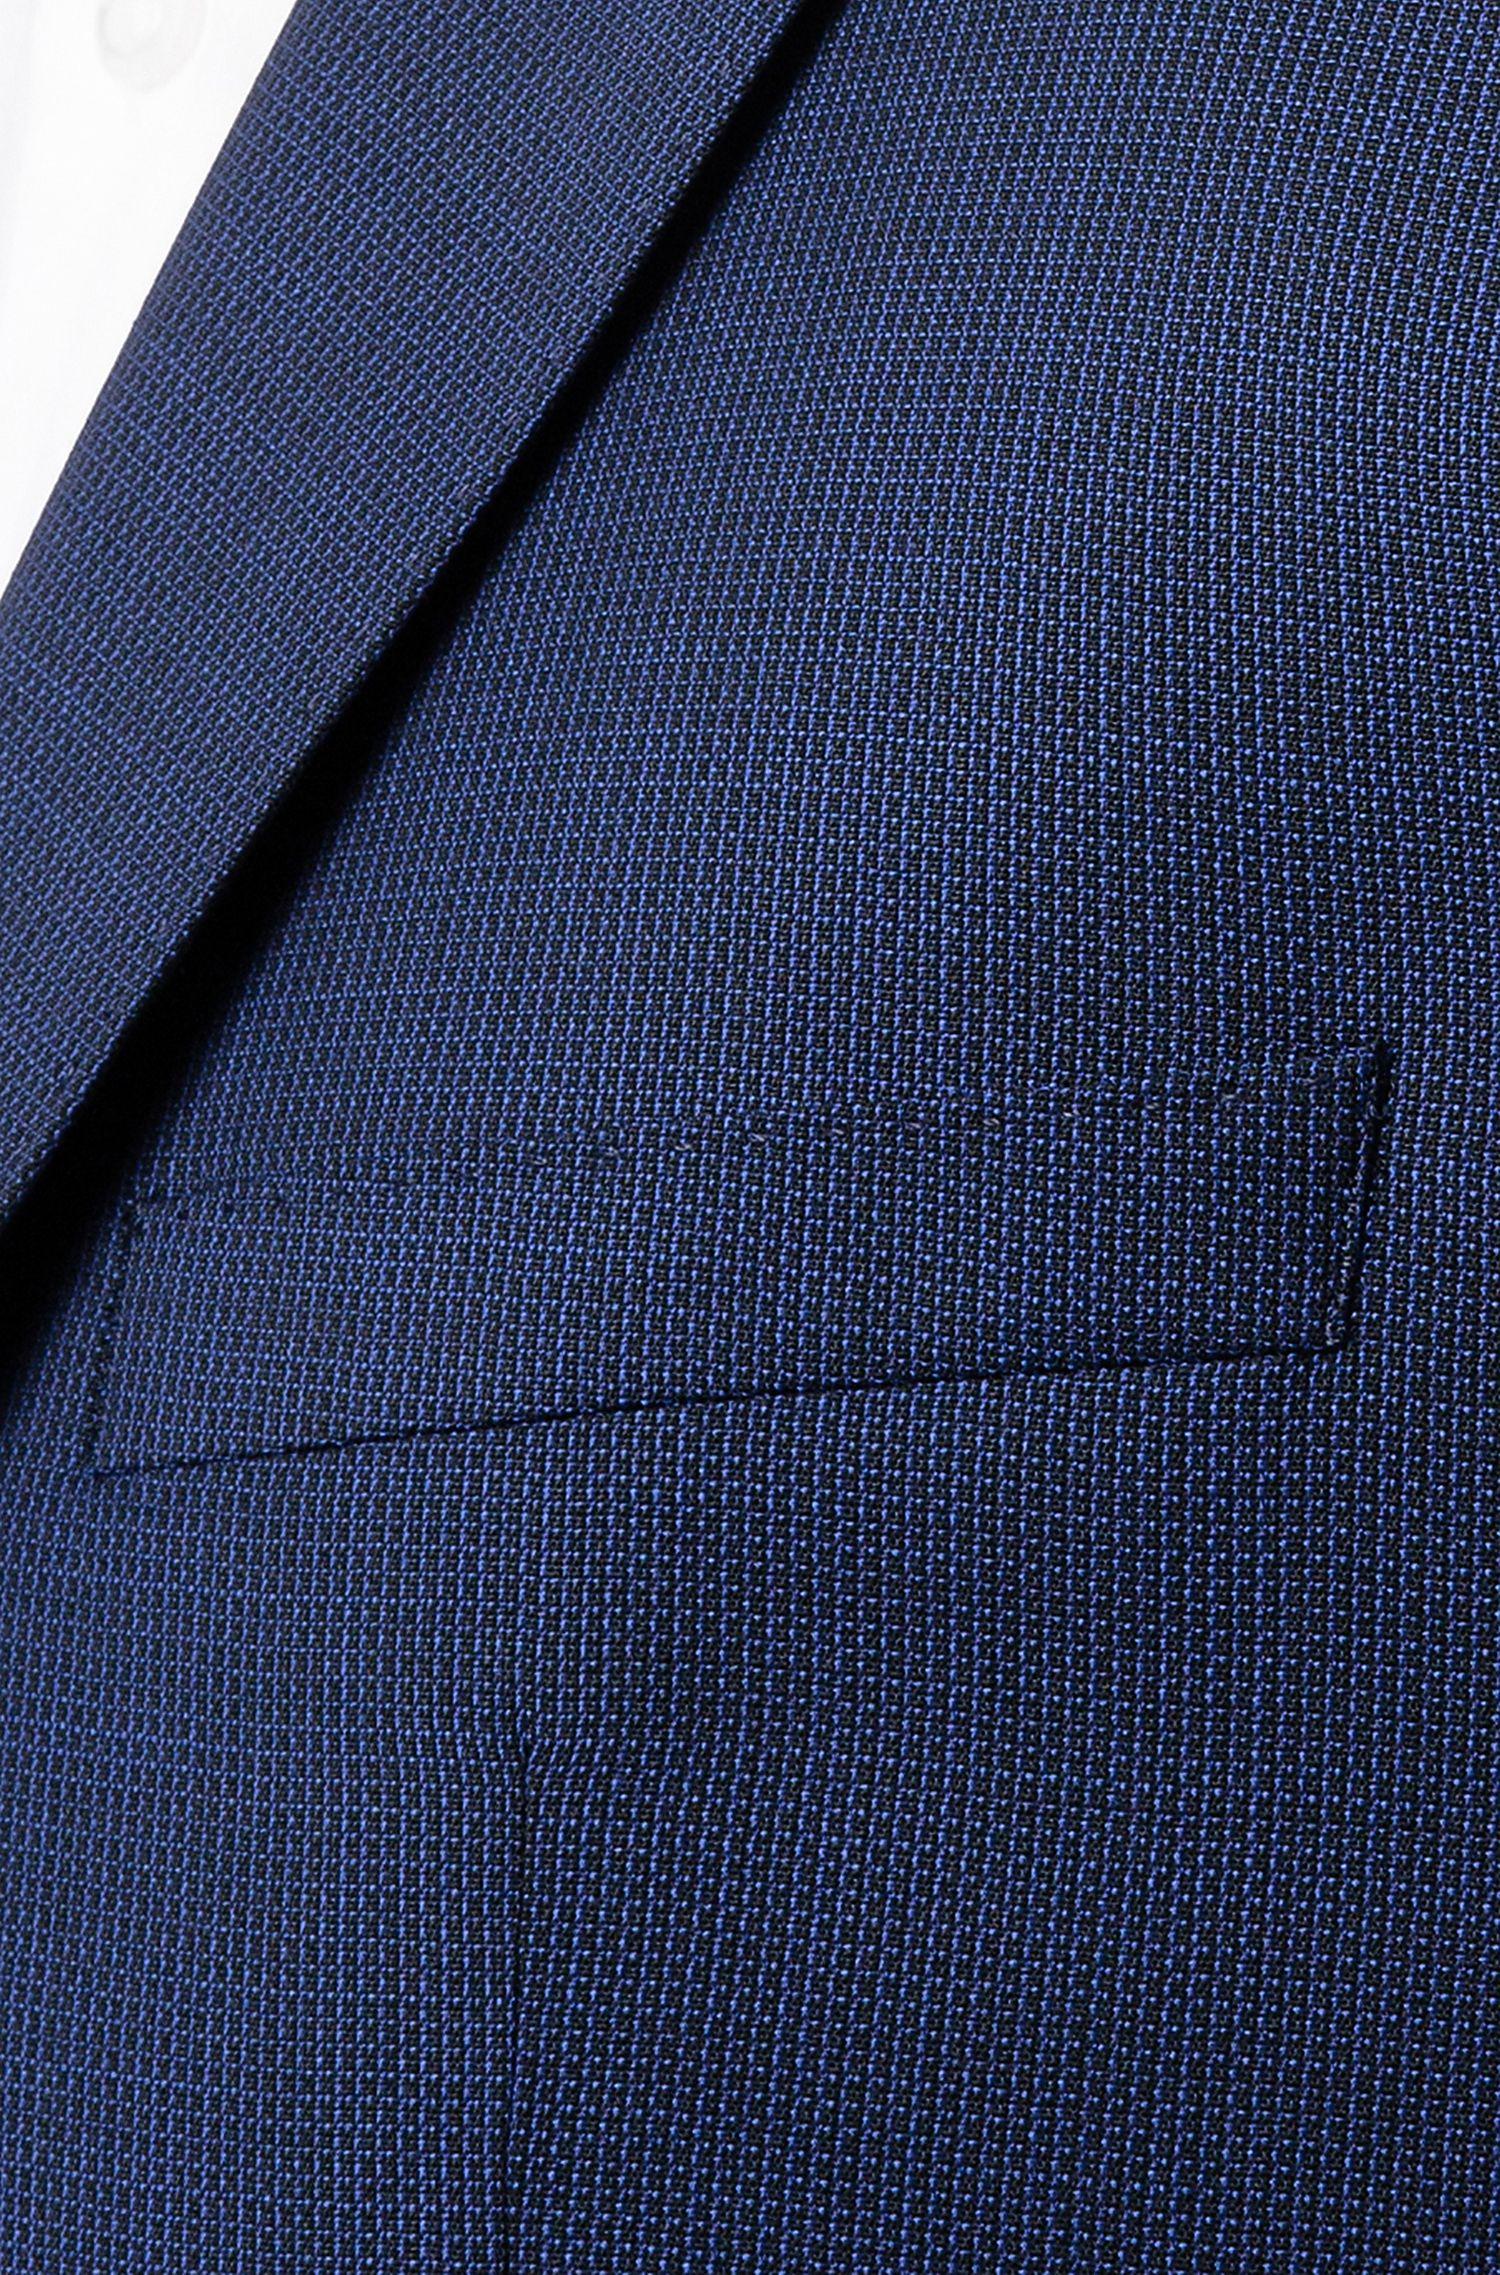 Regular-Fit Anzug aus Schurwoll-Mix mit dezentem geometrischem Muster, Blau